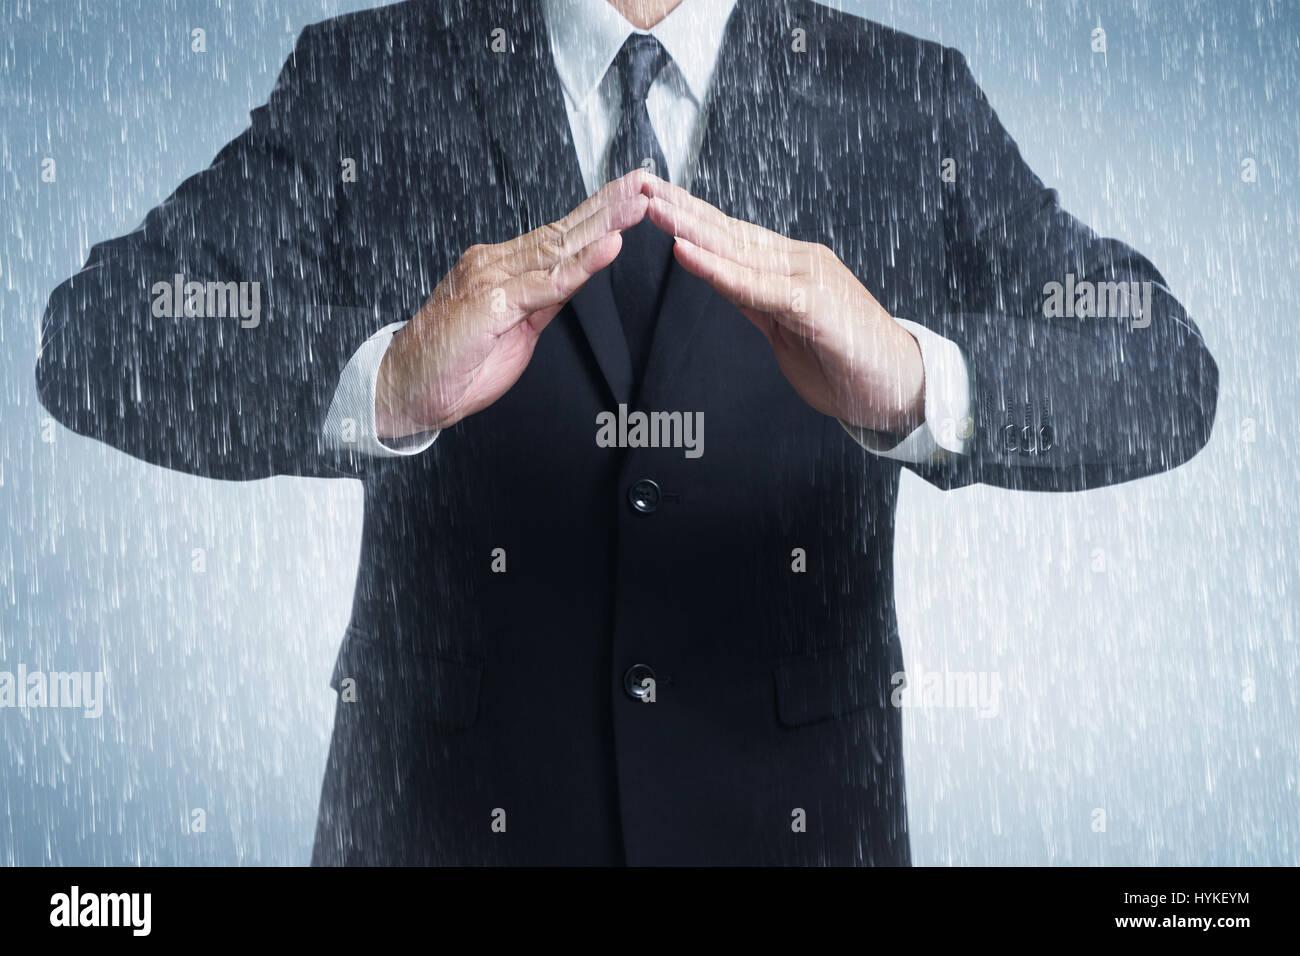 Empresario de palo con las dos manos en posición para proteger en tiempo lluvioso día (centrándose en la mano, Blur Foto de stock